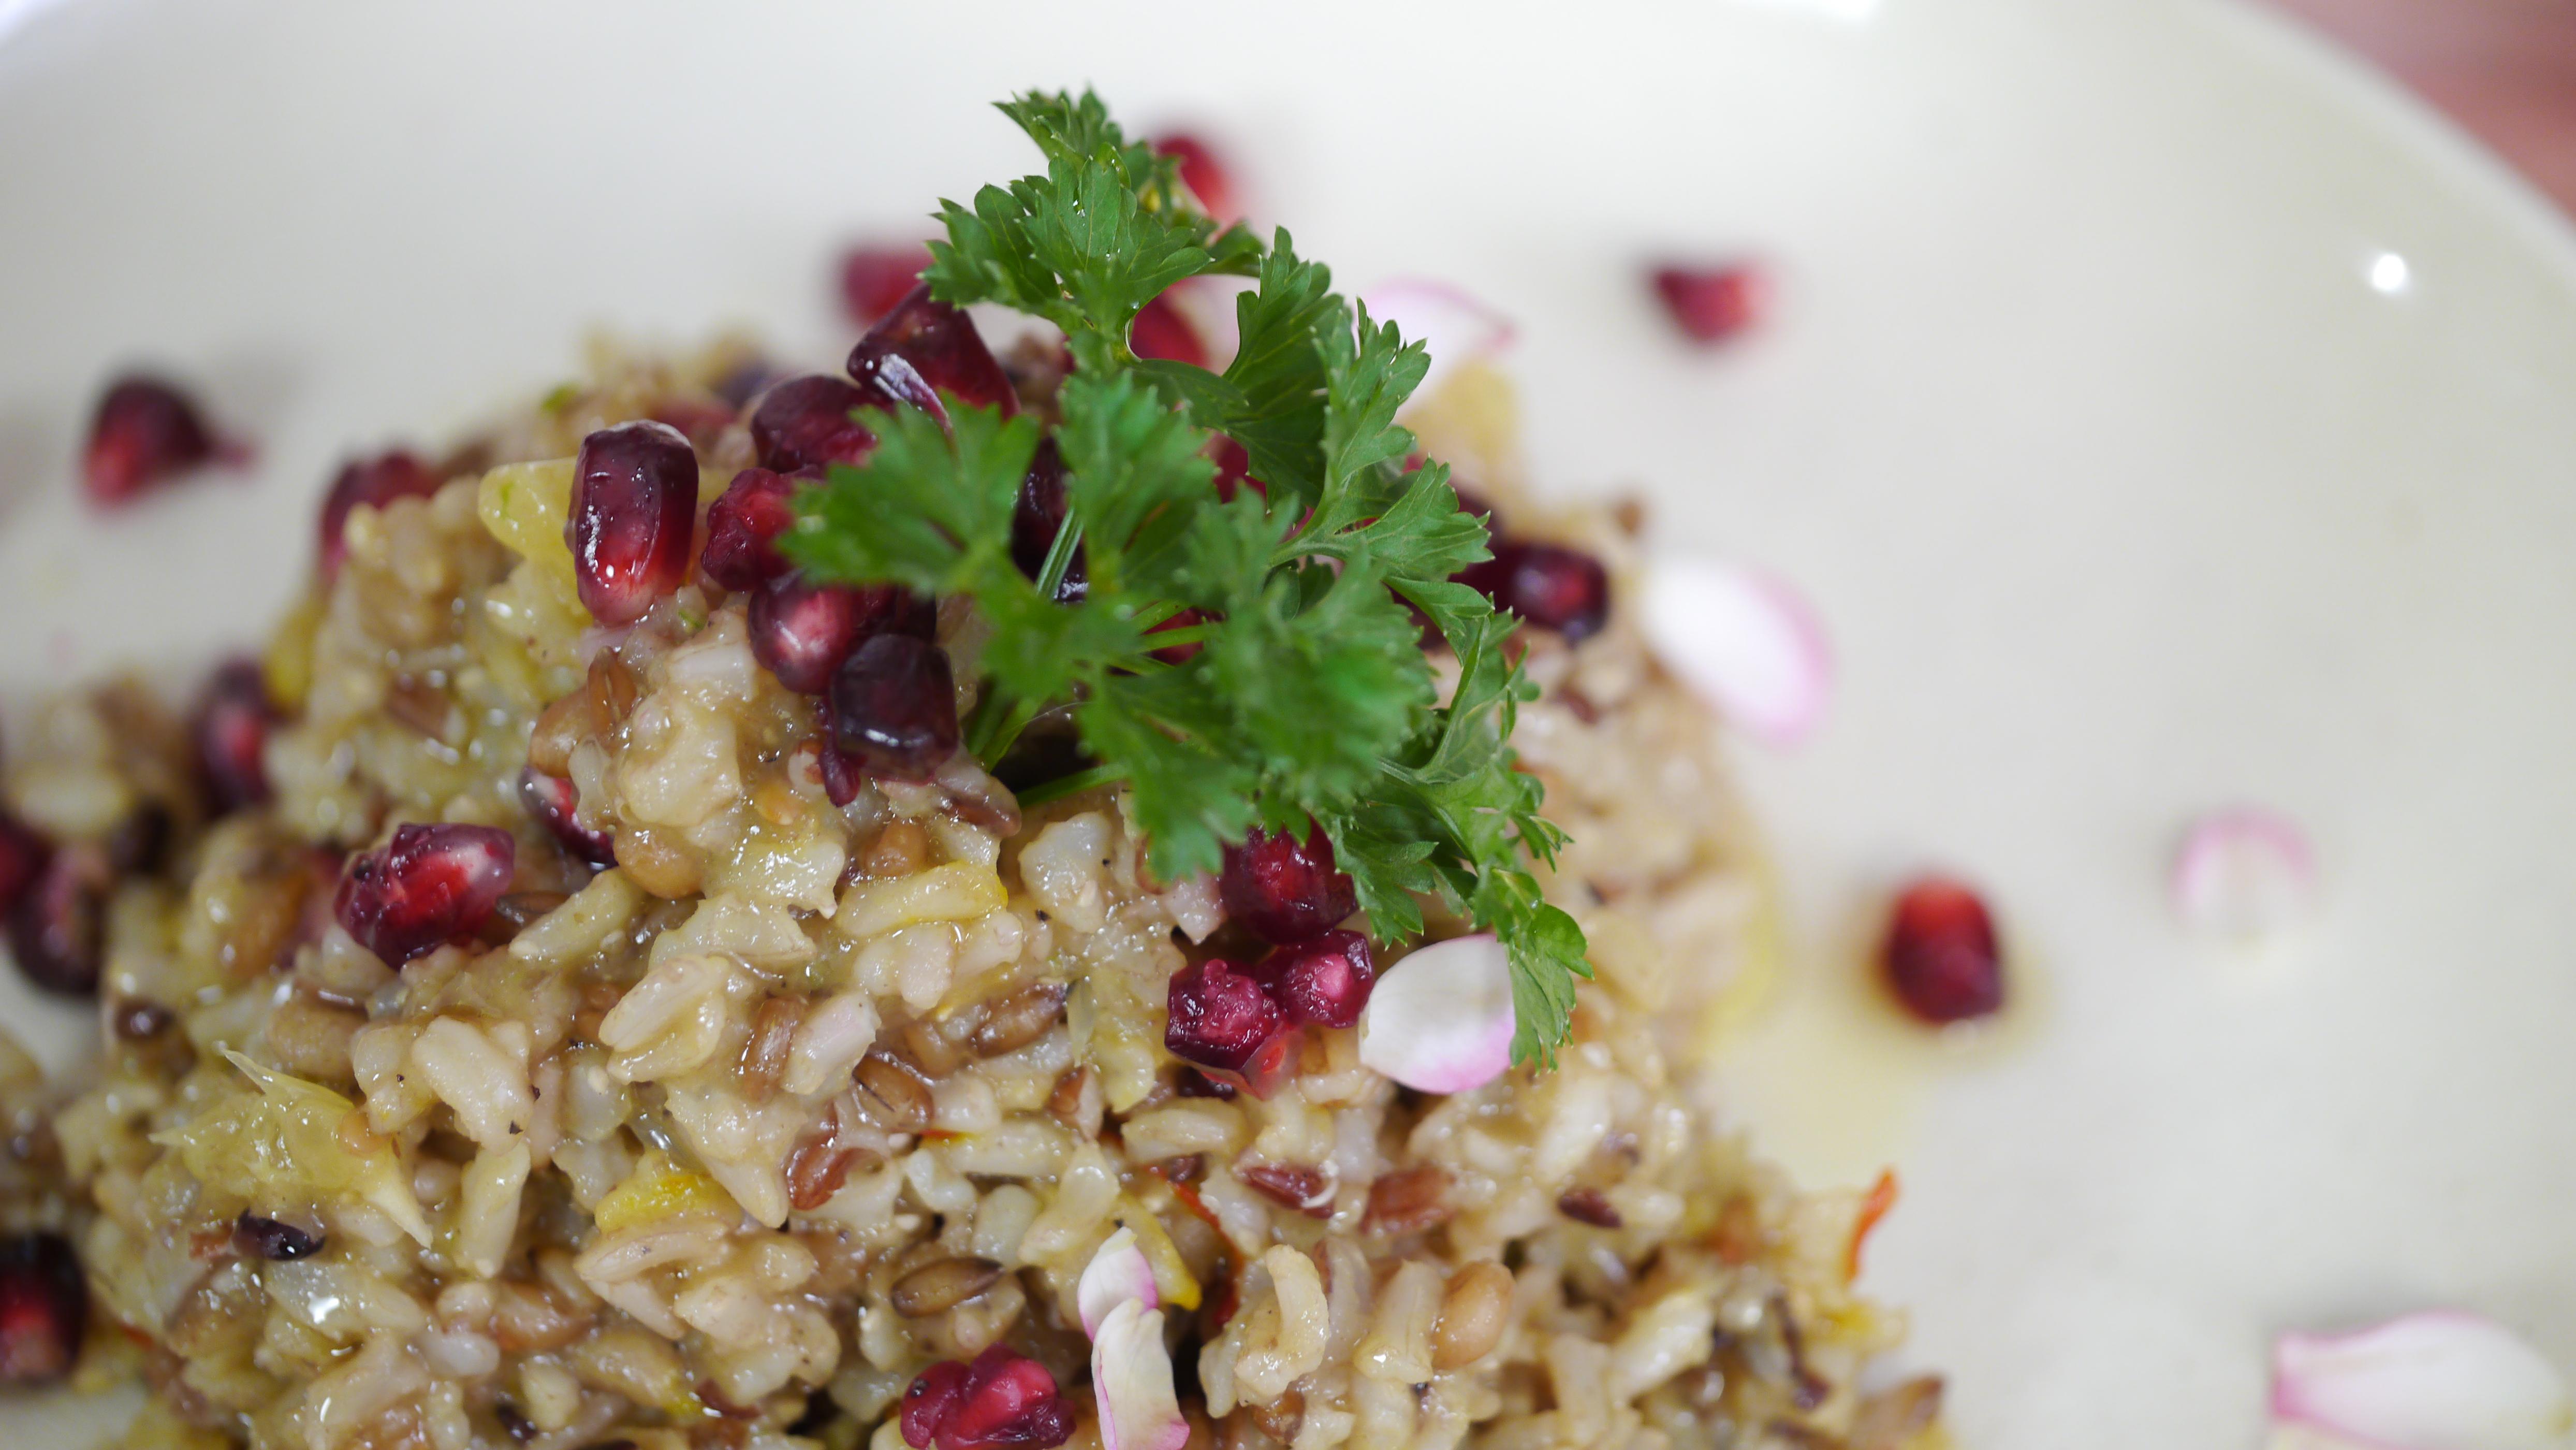 Na foto, há uma mistura de arroz e trigo cozidos com sementes de romã e uma folha de salsinha no topo, para decorar